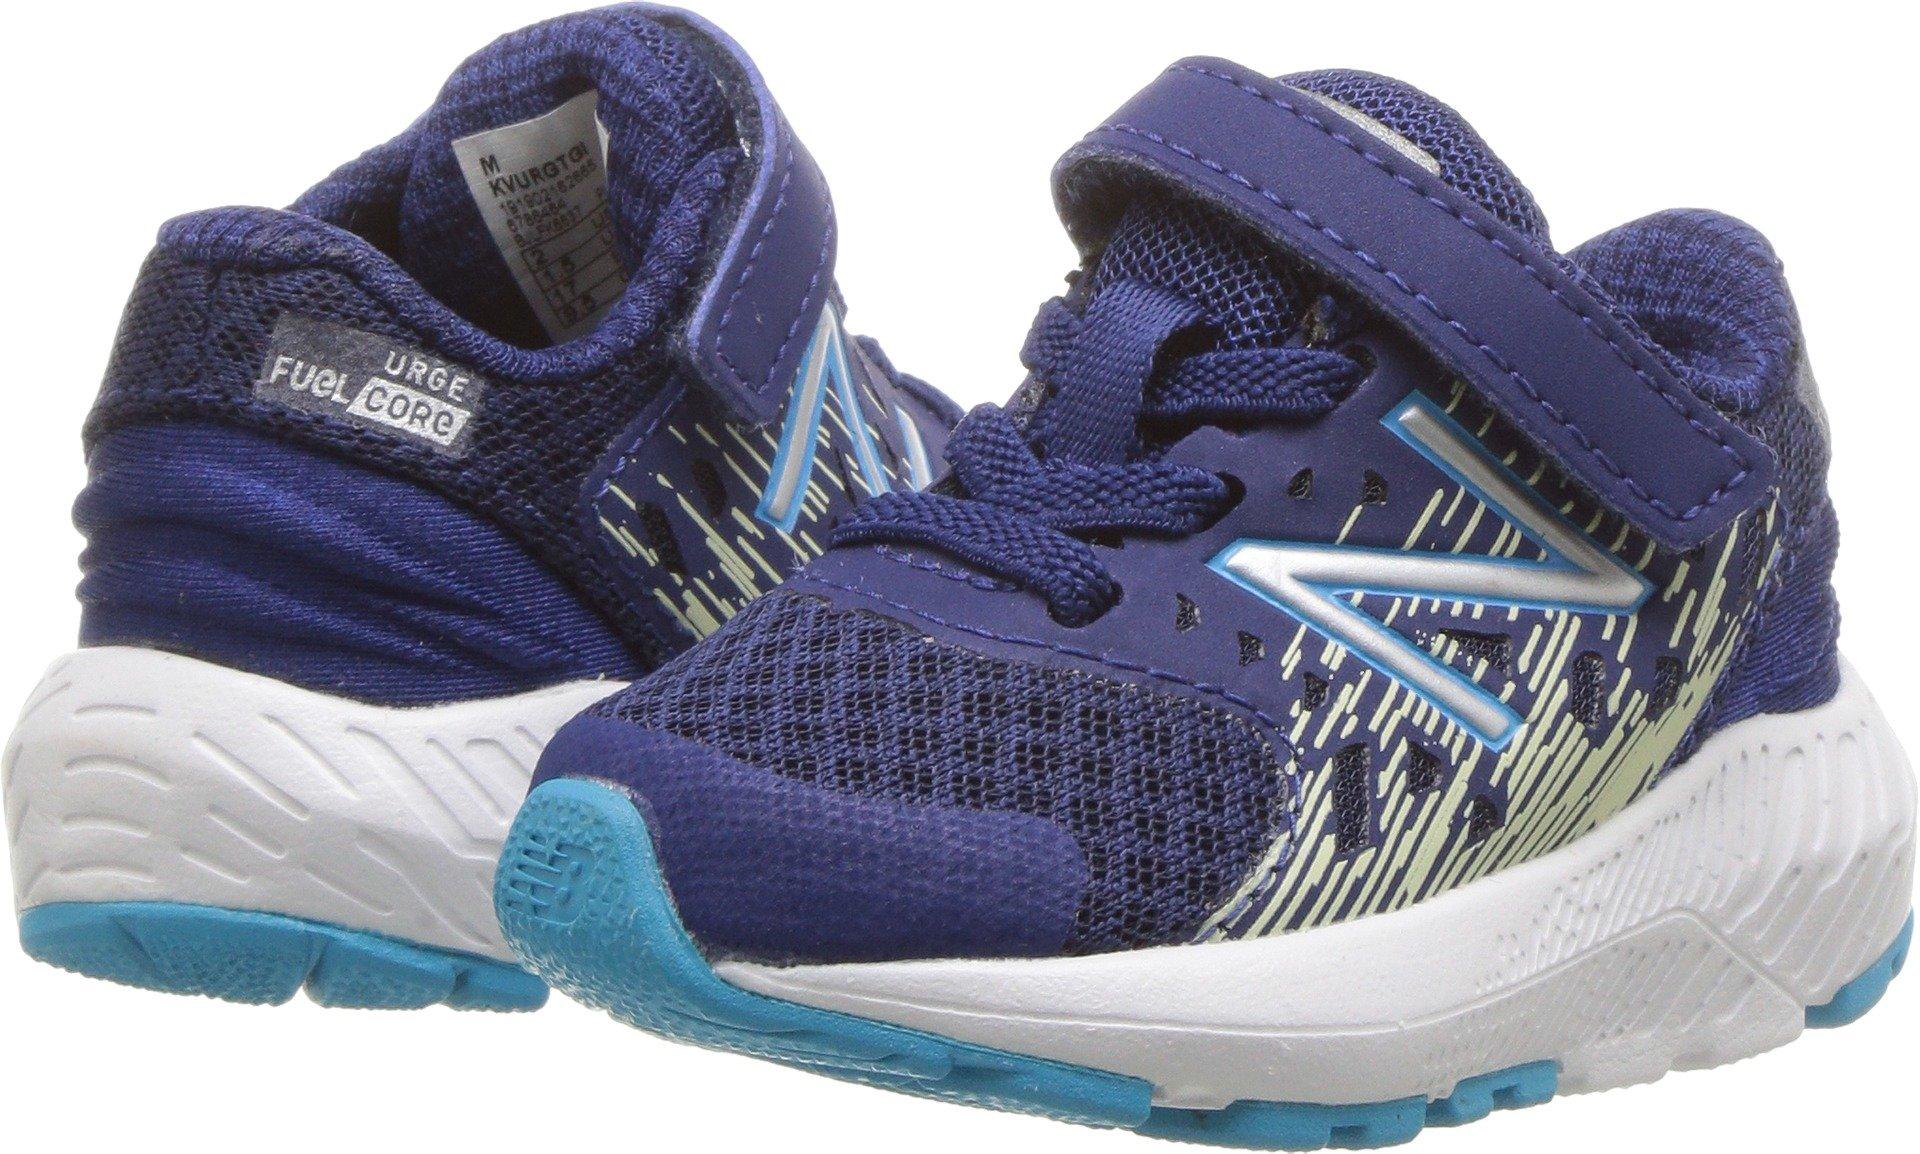 New Balance Boys' Urge V2 FuelCore Running Shoe, Techtonic Blue, 6 M US Toddler